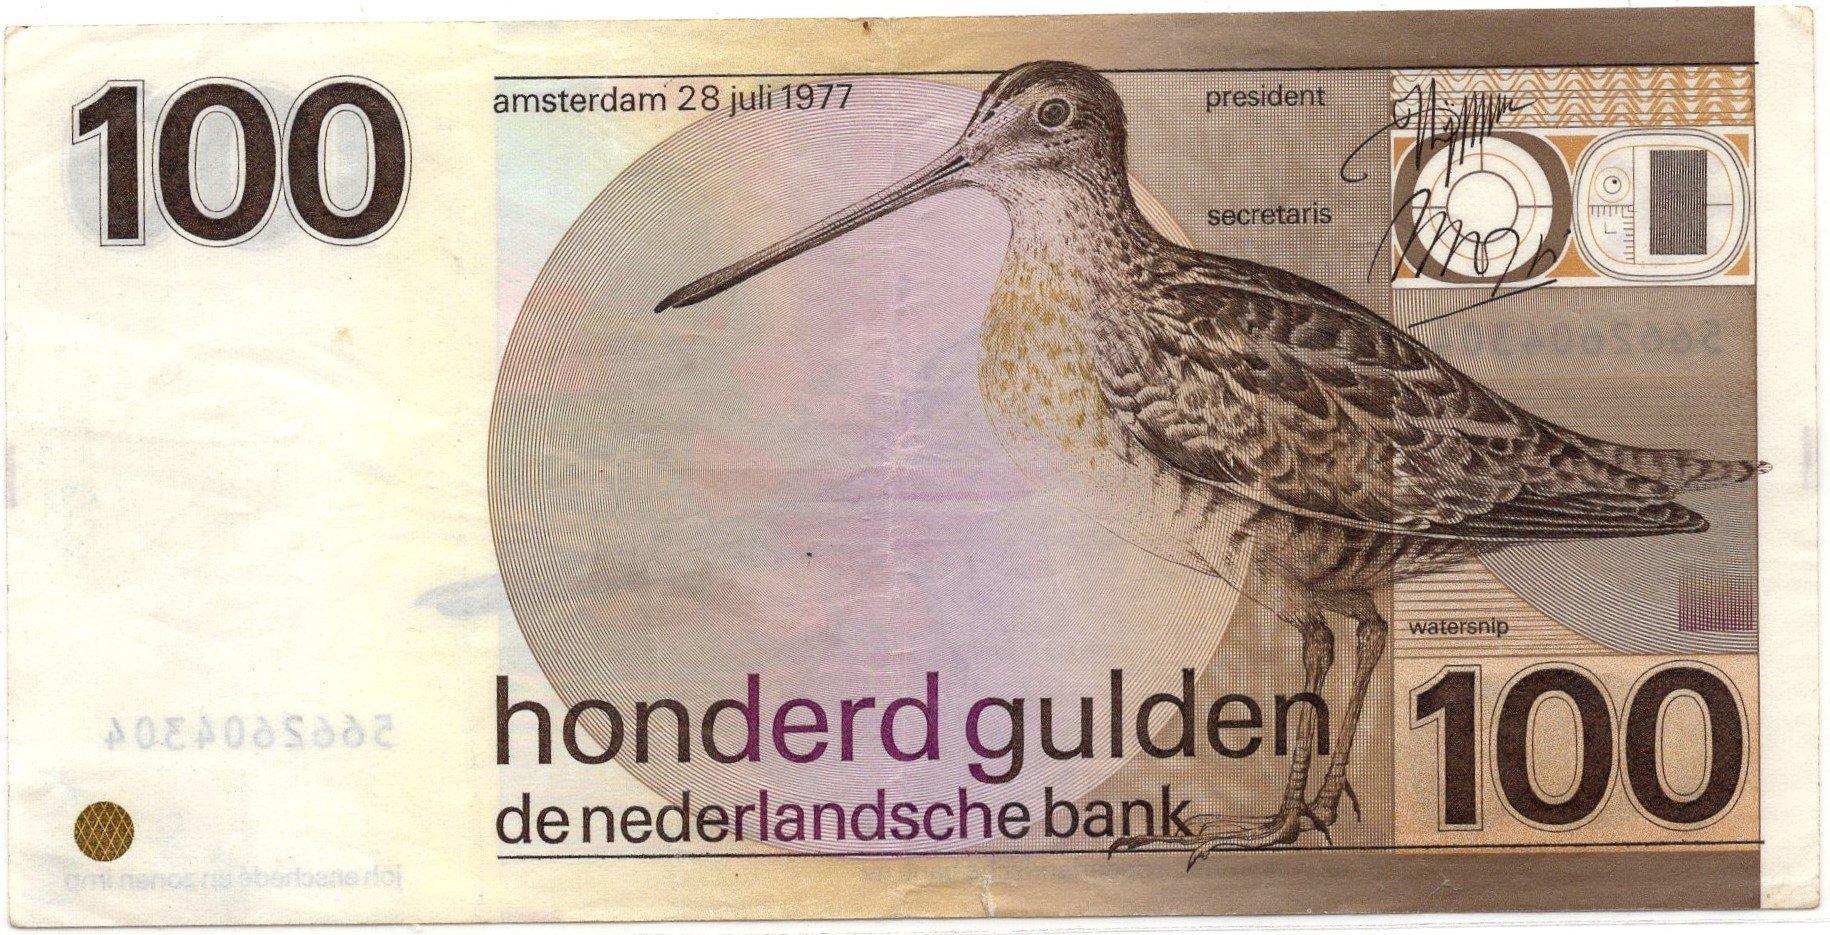 Netherlands 100 gulden 1977 banknote for sale